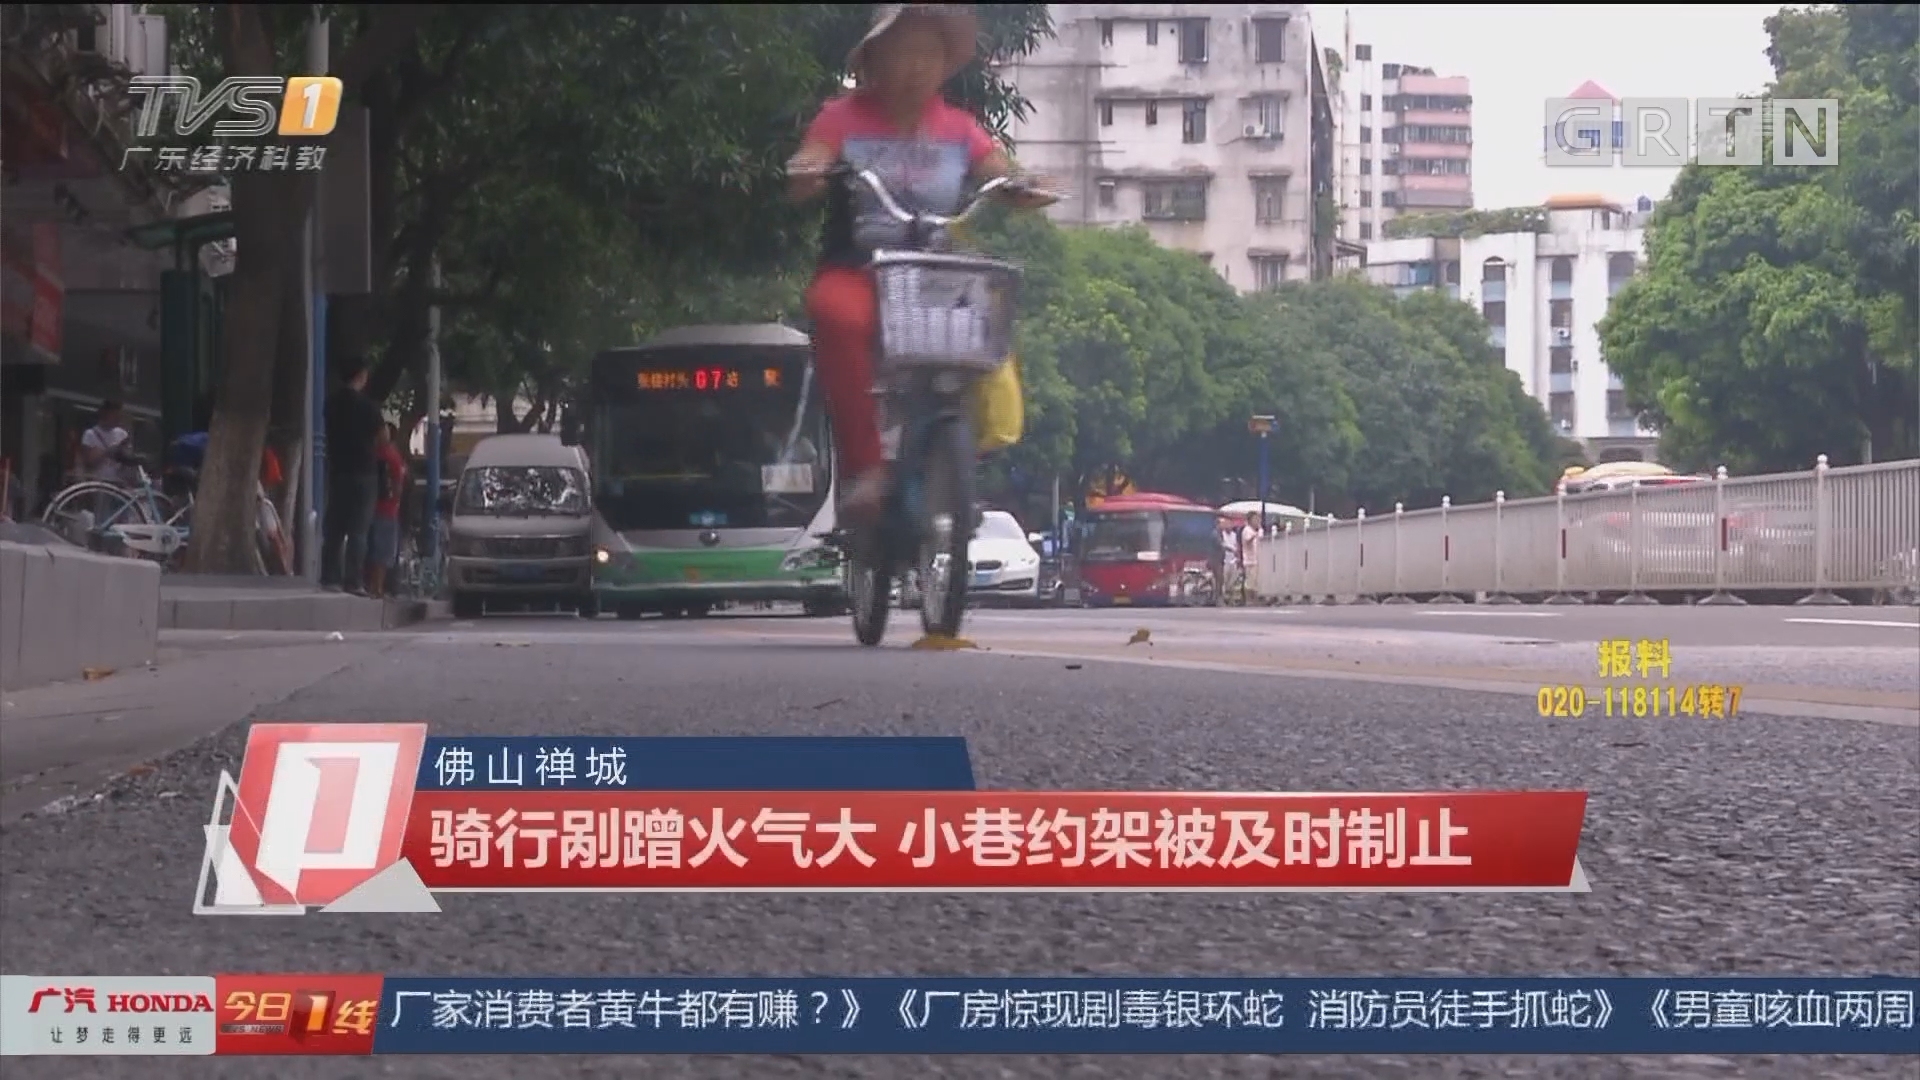 佛山禅城:骑行剐蹭火气大 小巷约架被及时制止